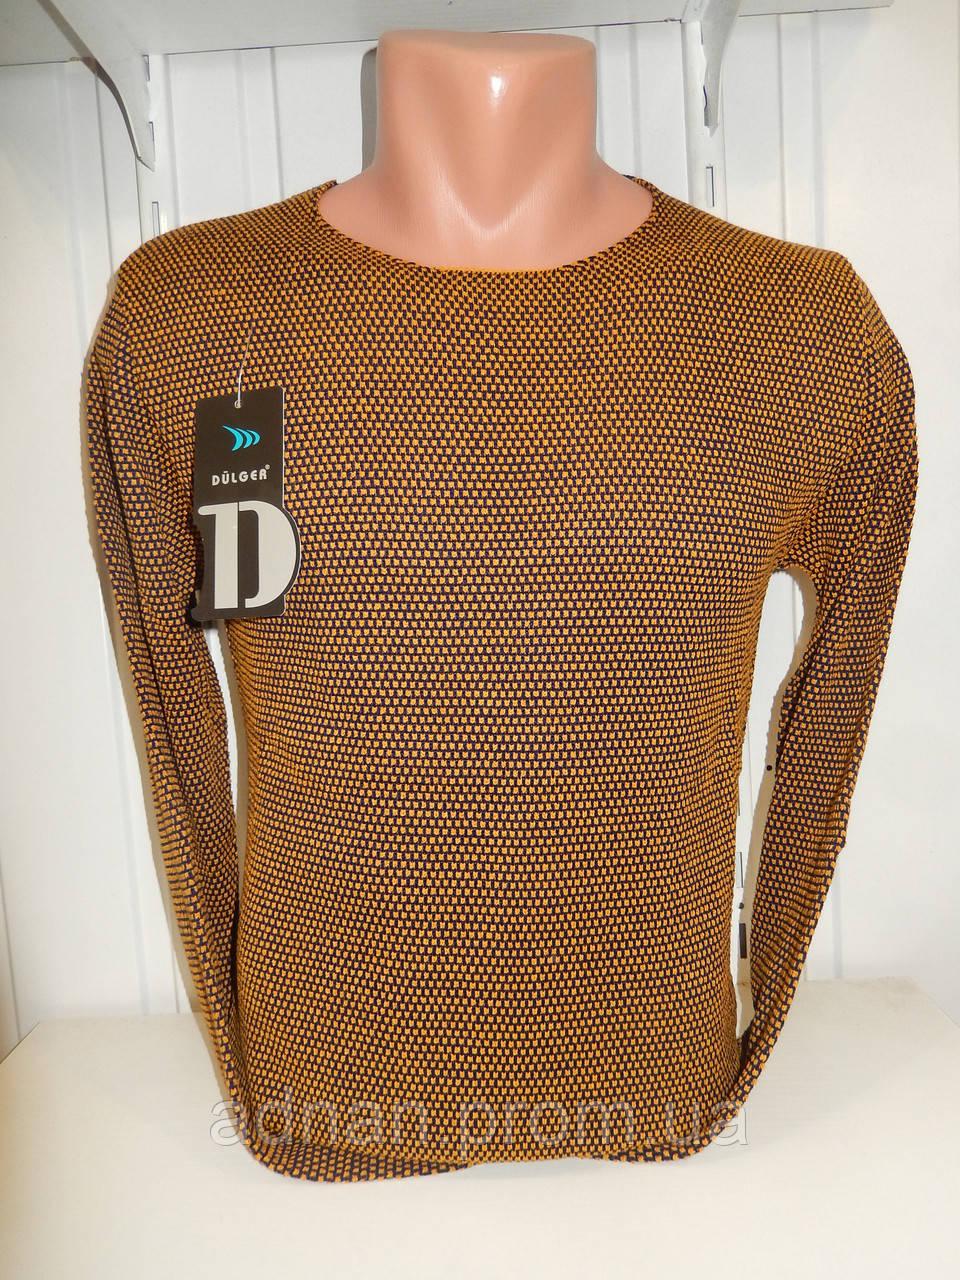 Свитер мужской DULGER, узор на фото 002/ купиь свитер мужской оптом